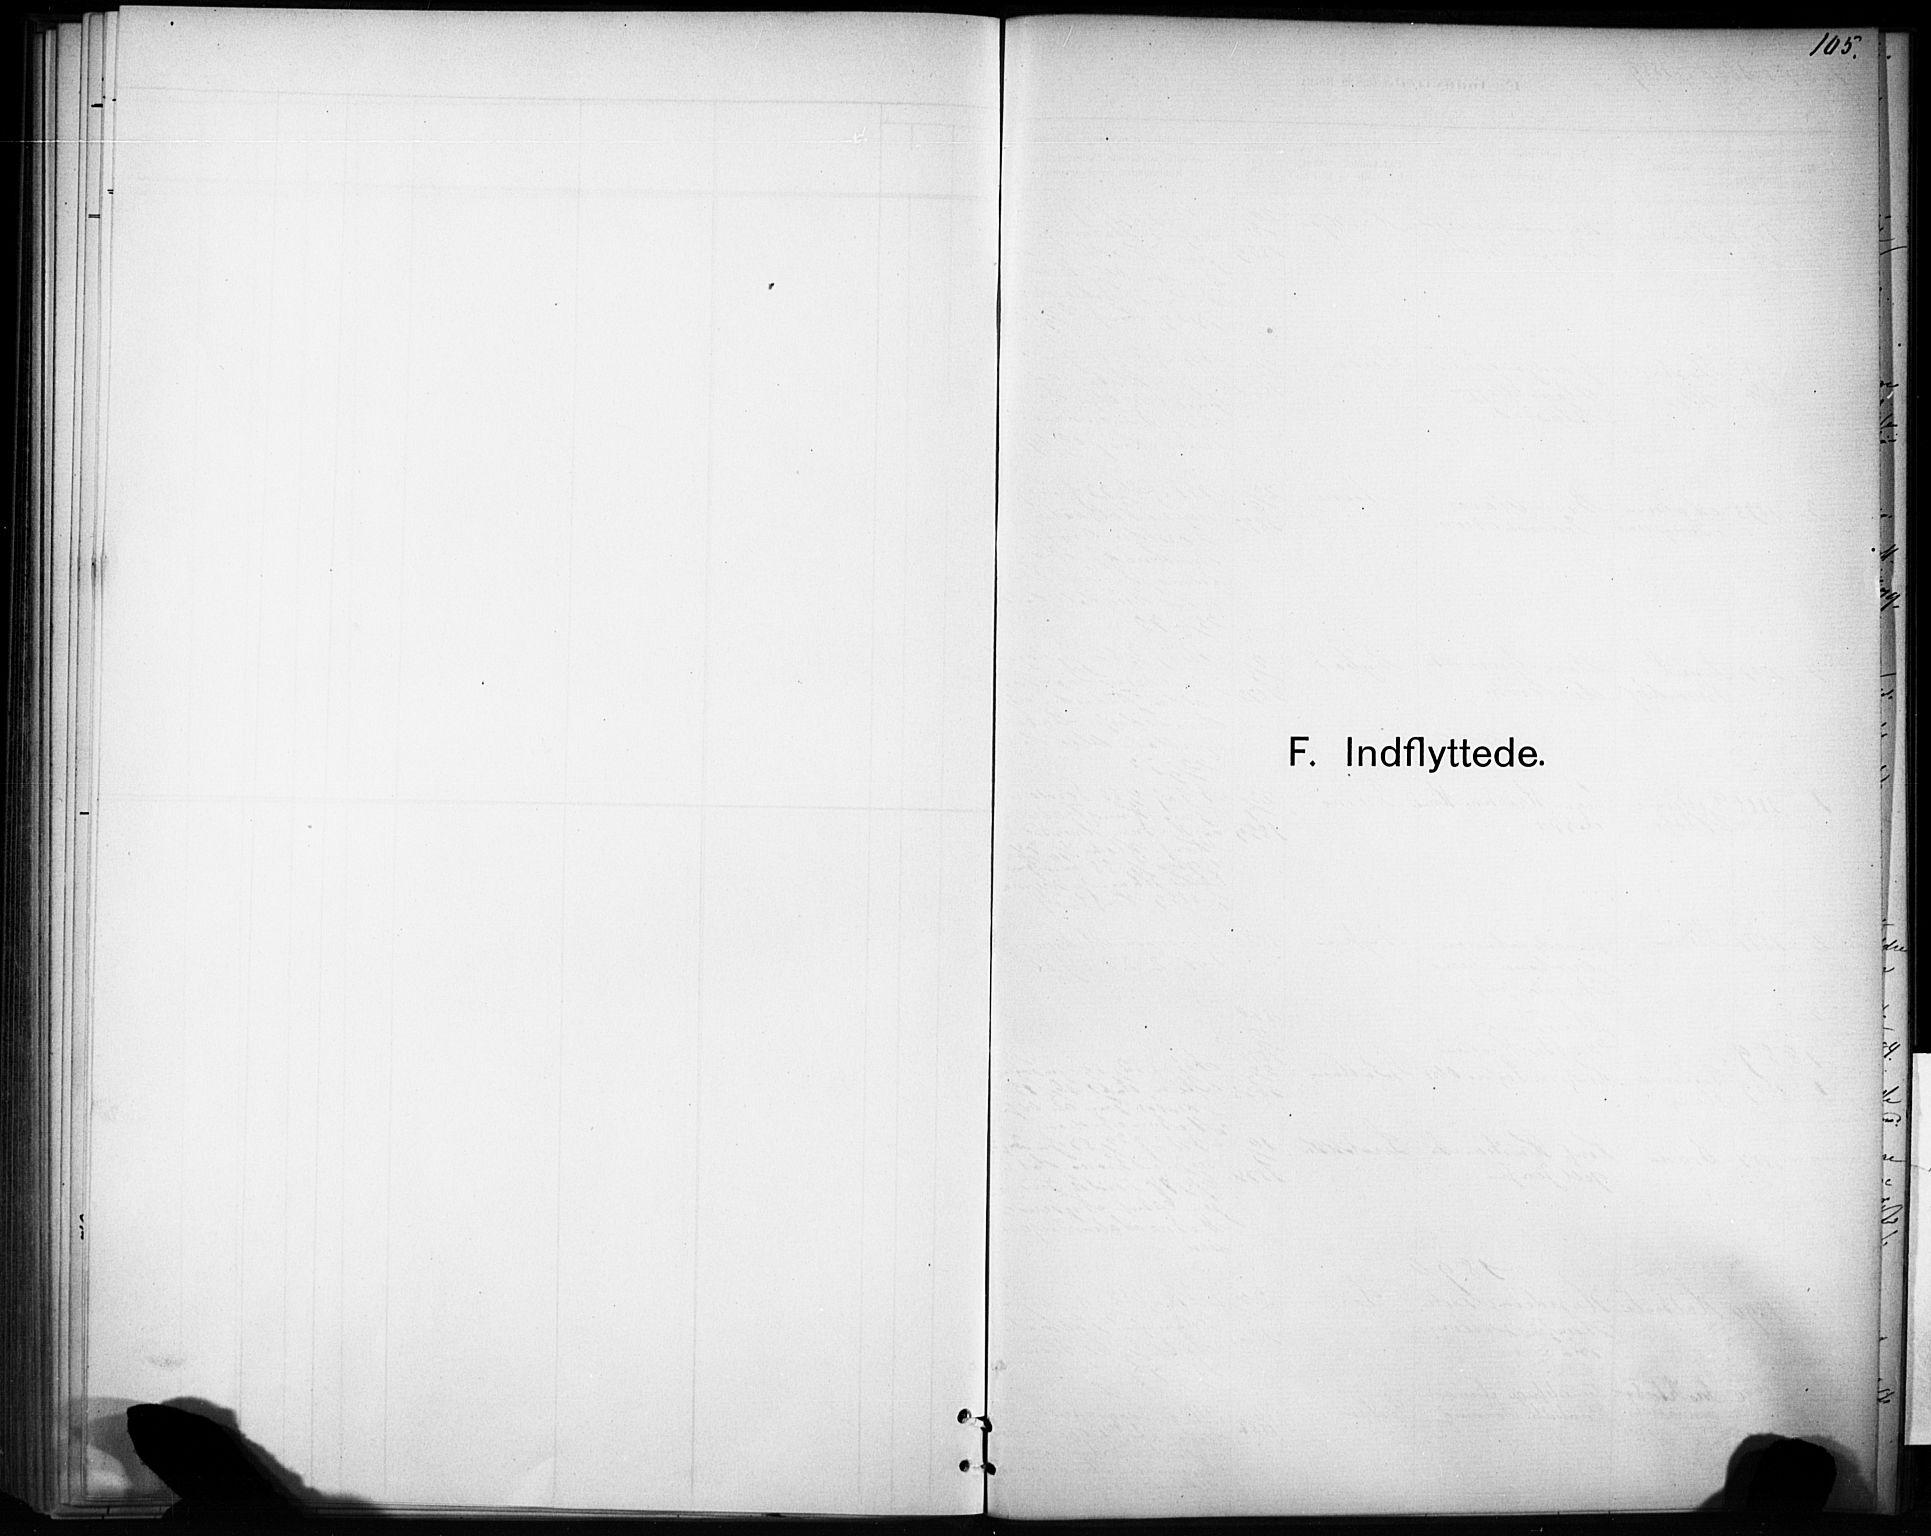 SAT, Ministerialprotokoller, klokkerbøker og fødselsregistre - Sør-Trøndelag, 693/L1119: Ministerialbok nr. 693A01, 1887-1905, s. 105